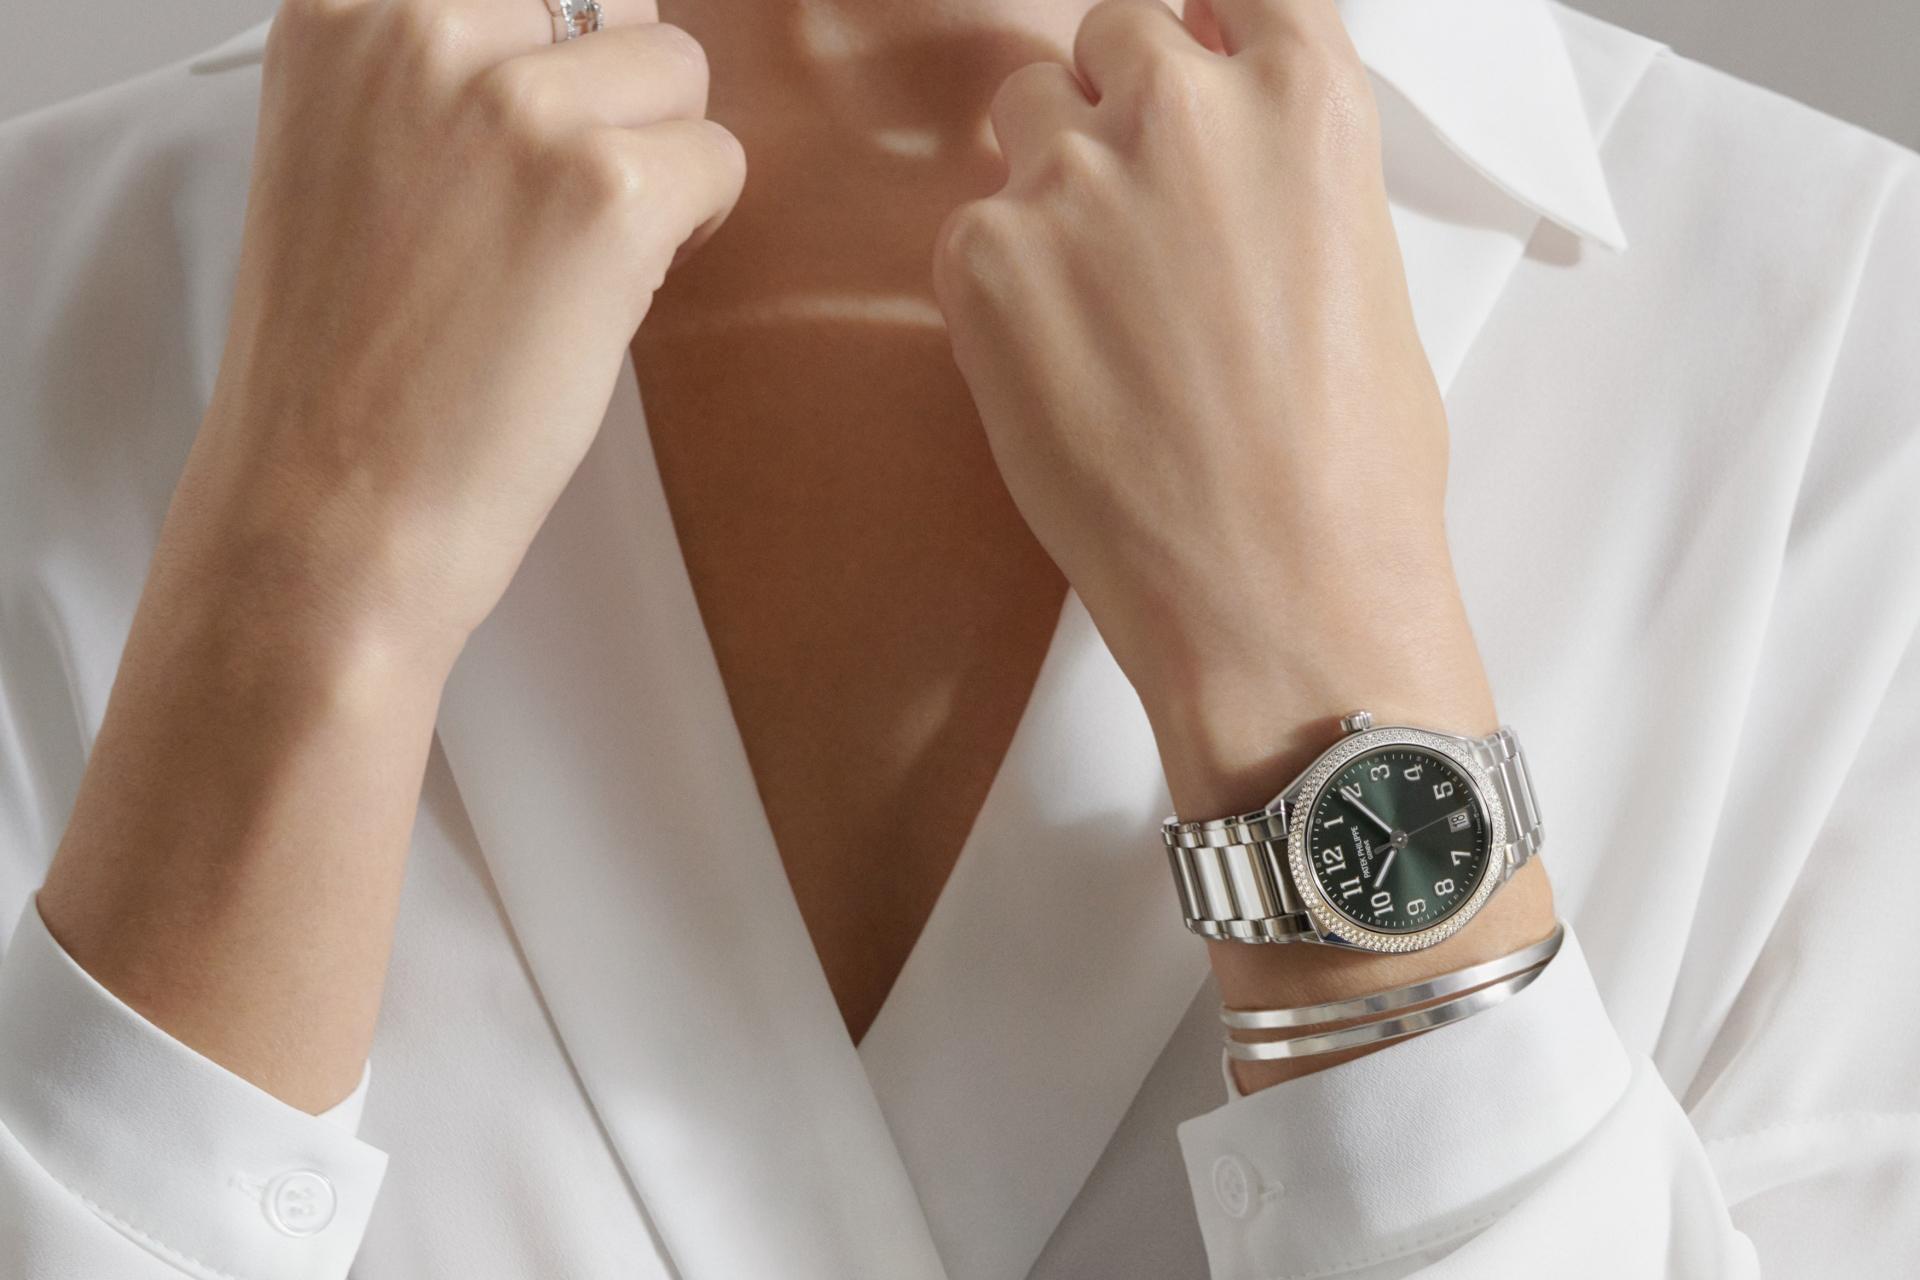 Boss Luxury gợi ý 5 mẫu đồng hồ đồng cao cấp tuyệt đẹp dành tặng Mẹ